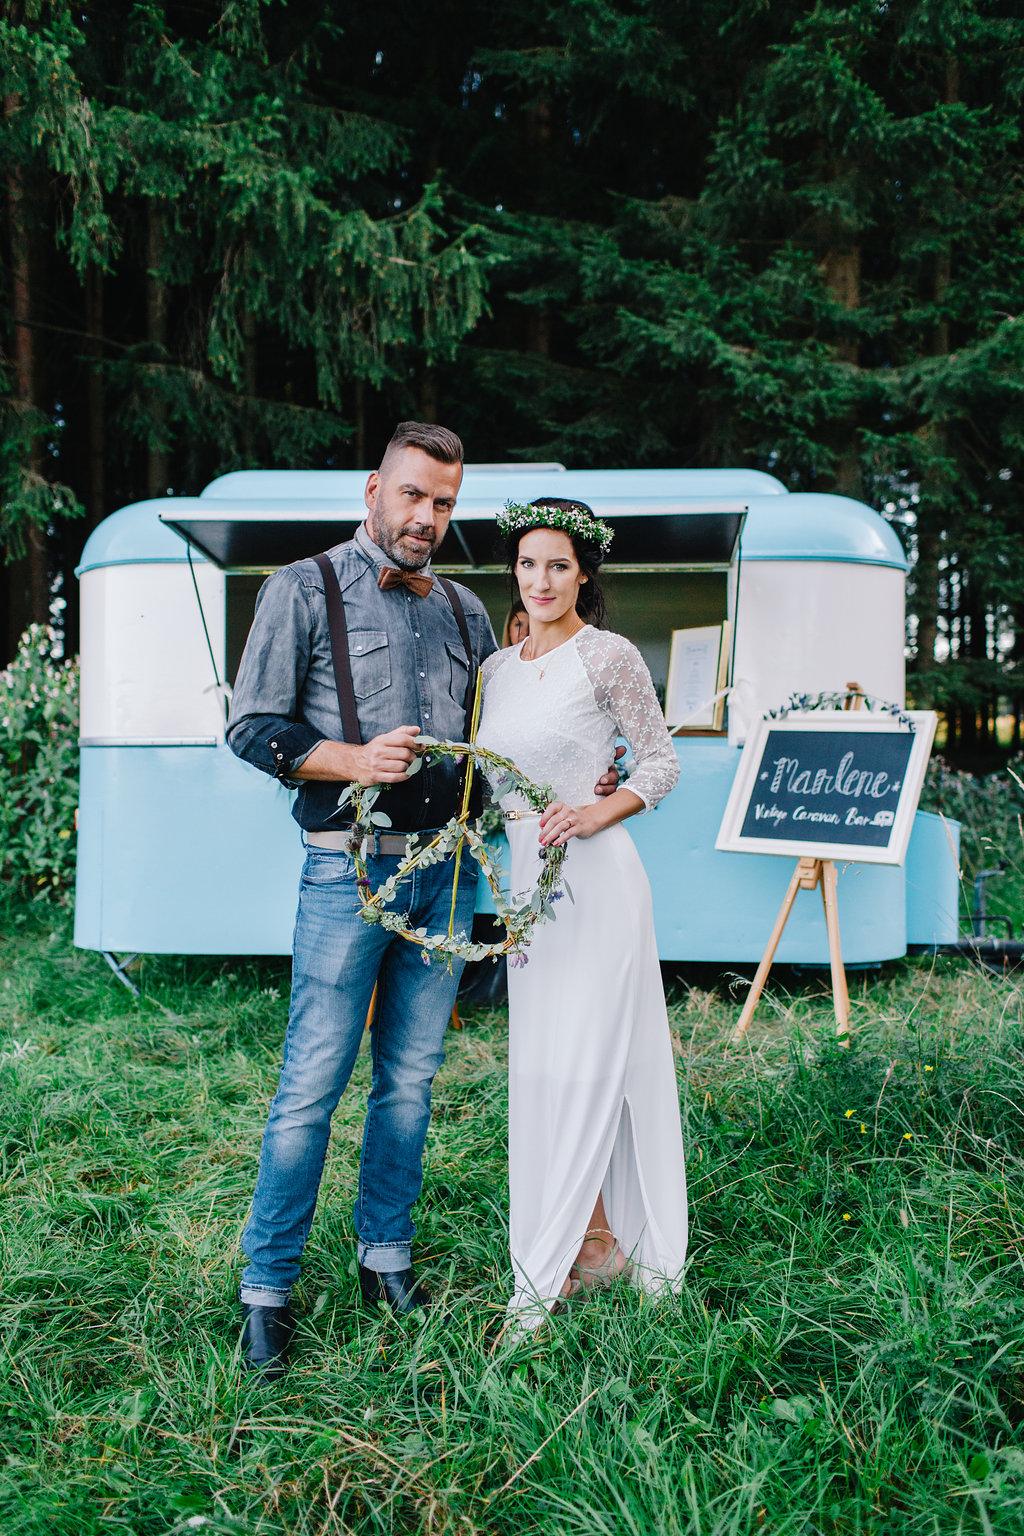 Marlene Vintage Caravan Bar Hochzeit München Food truck